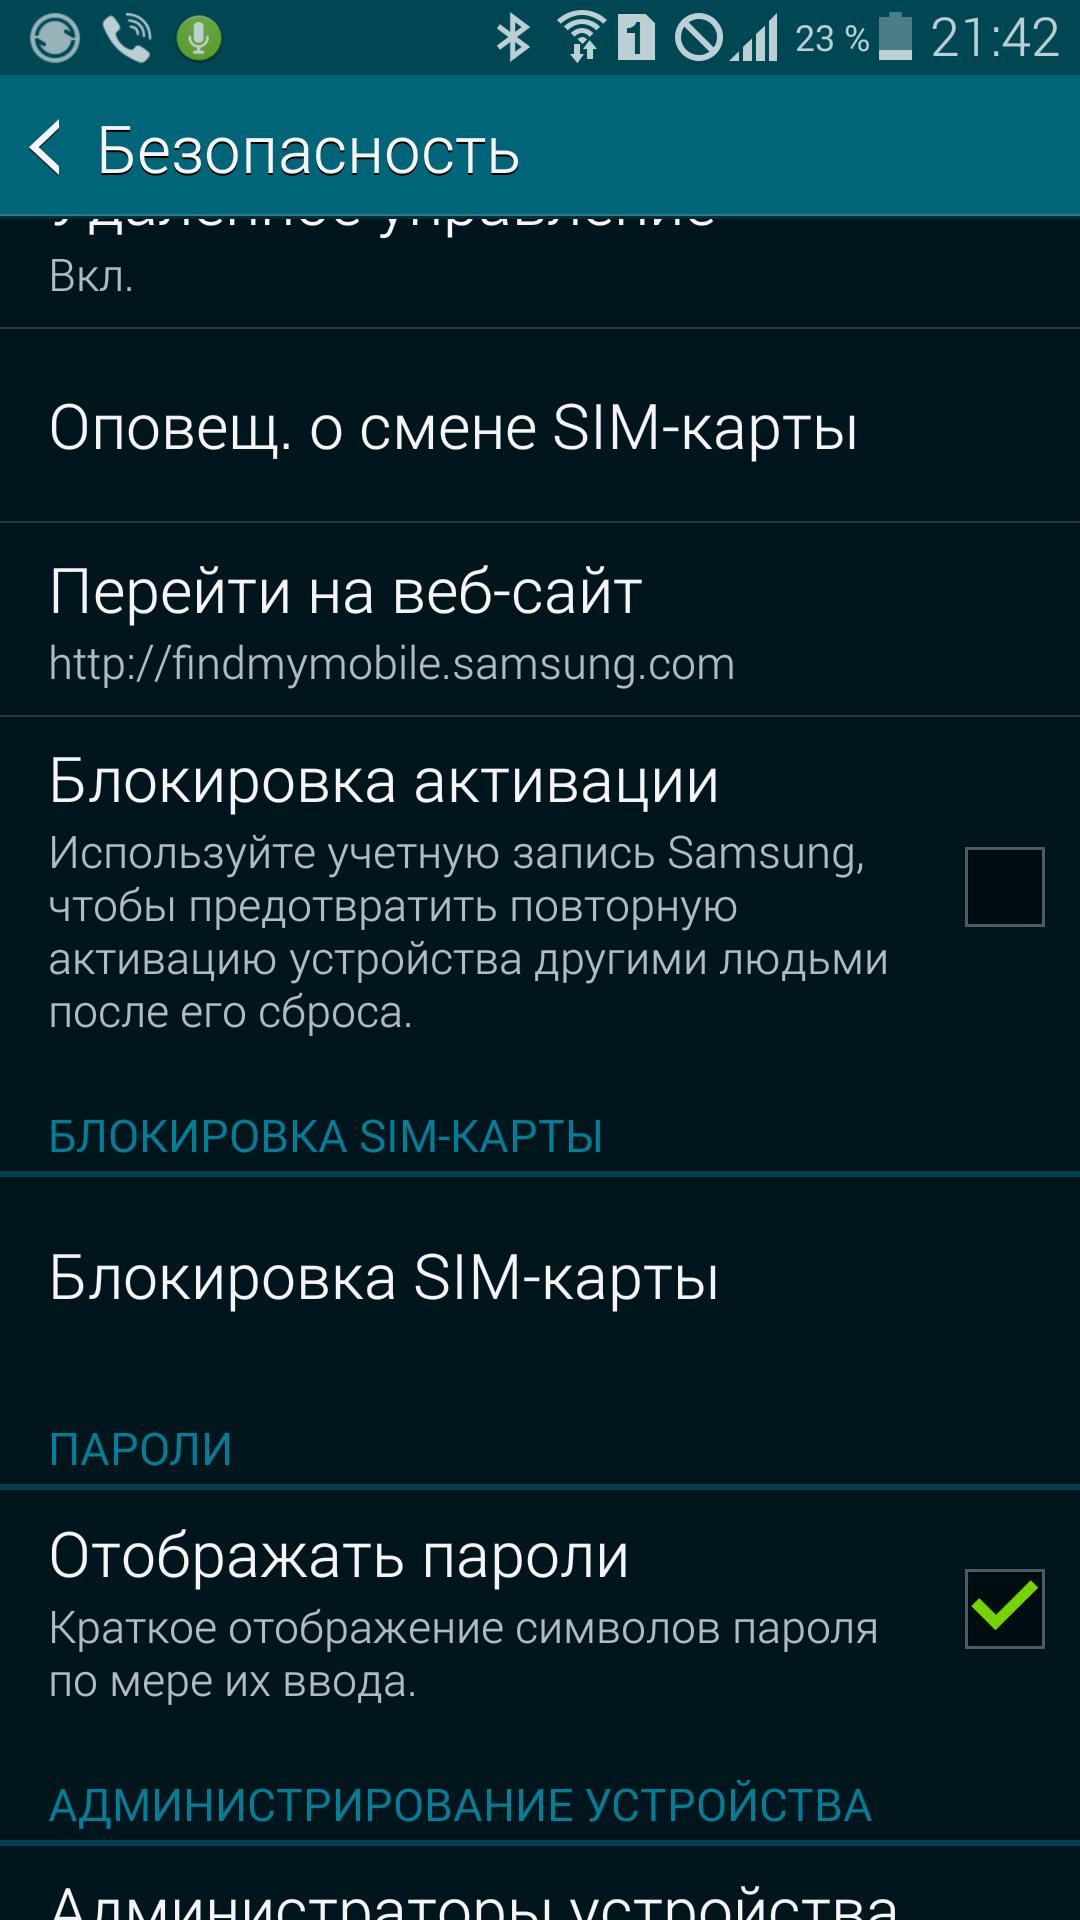 инструкция по эксплуатации samsung galaxy s5 на русском языке читать